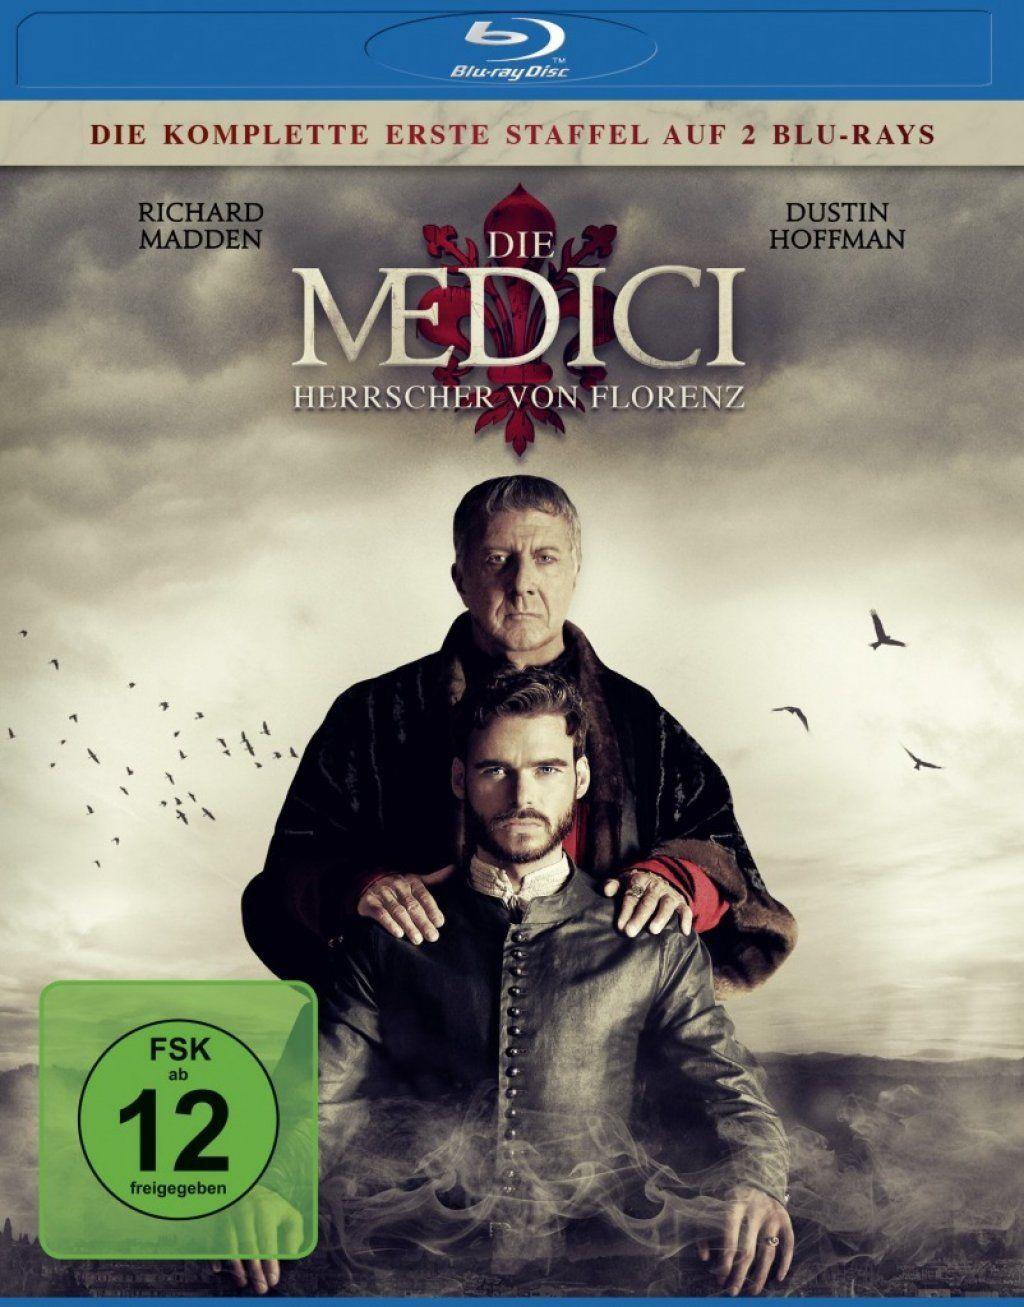 Medici, Die - Herrscher von Florenz - Staffel 1 (2 Discs) (BLURAY)